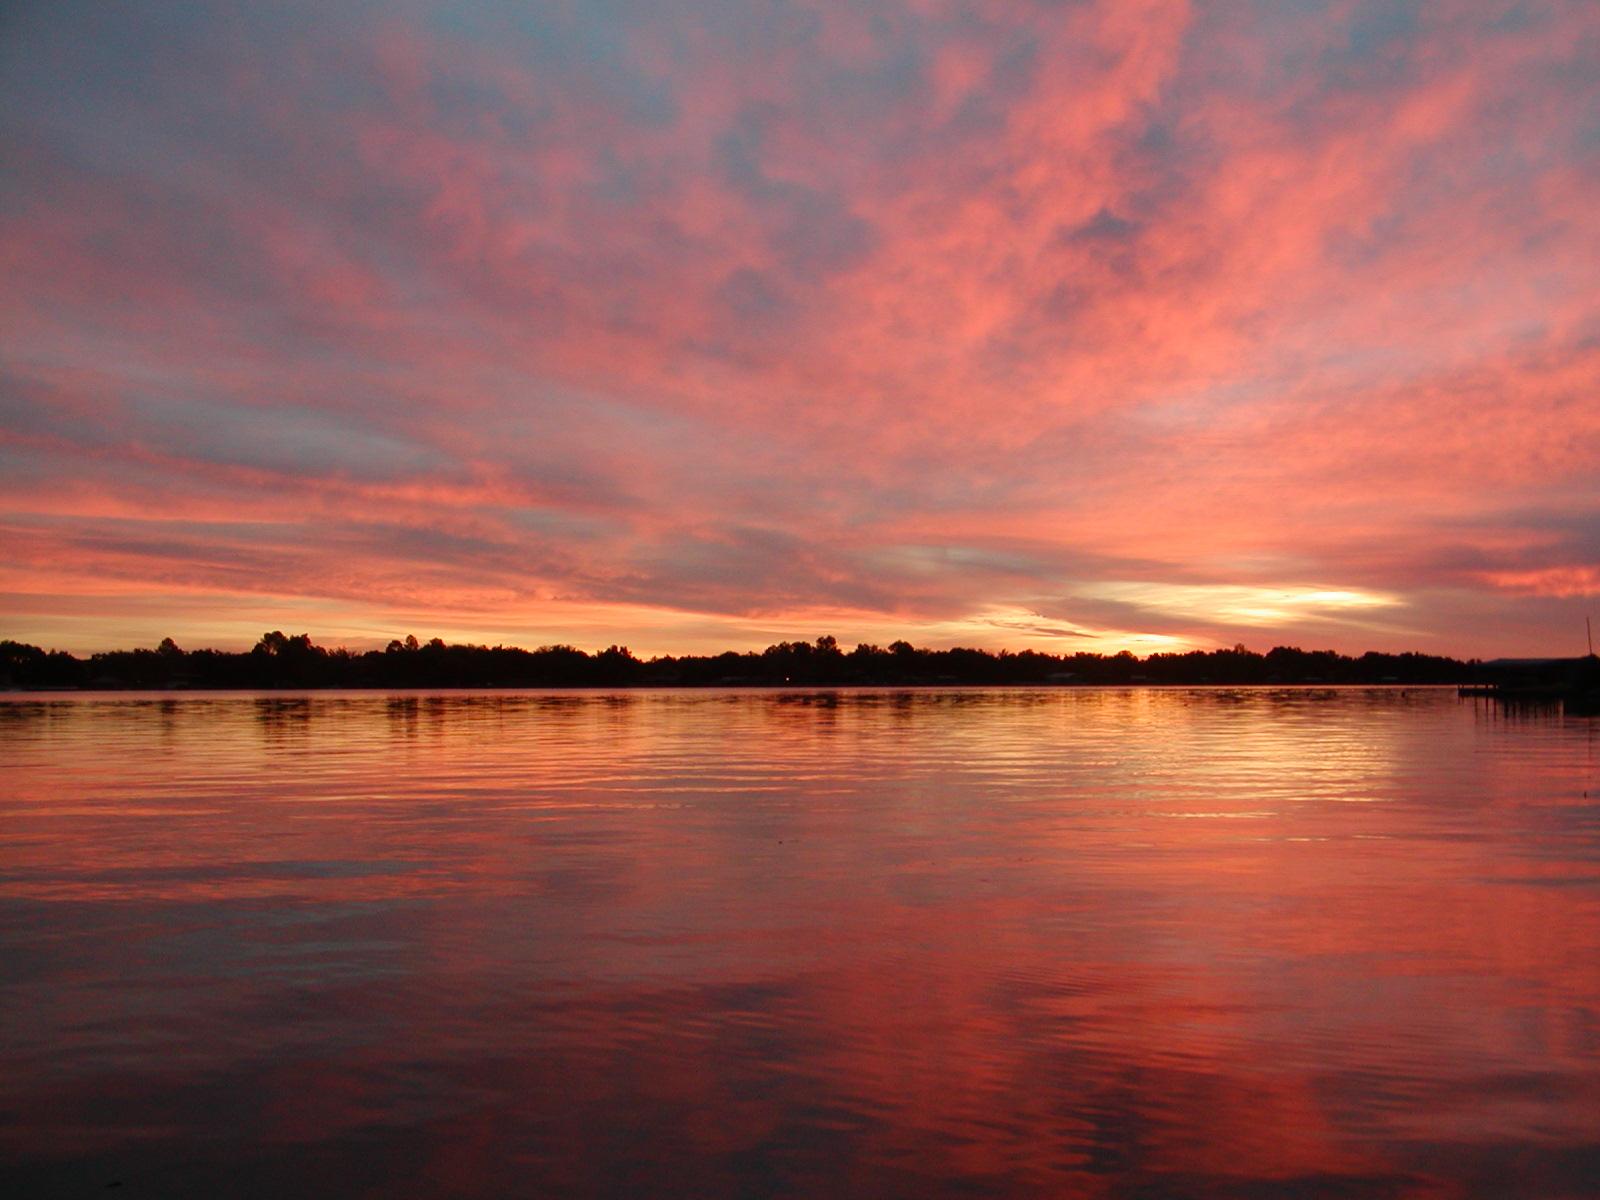 Sunrise, Sunset & la Luna on Pinterest | Sunsets, Sunrises ...